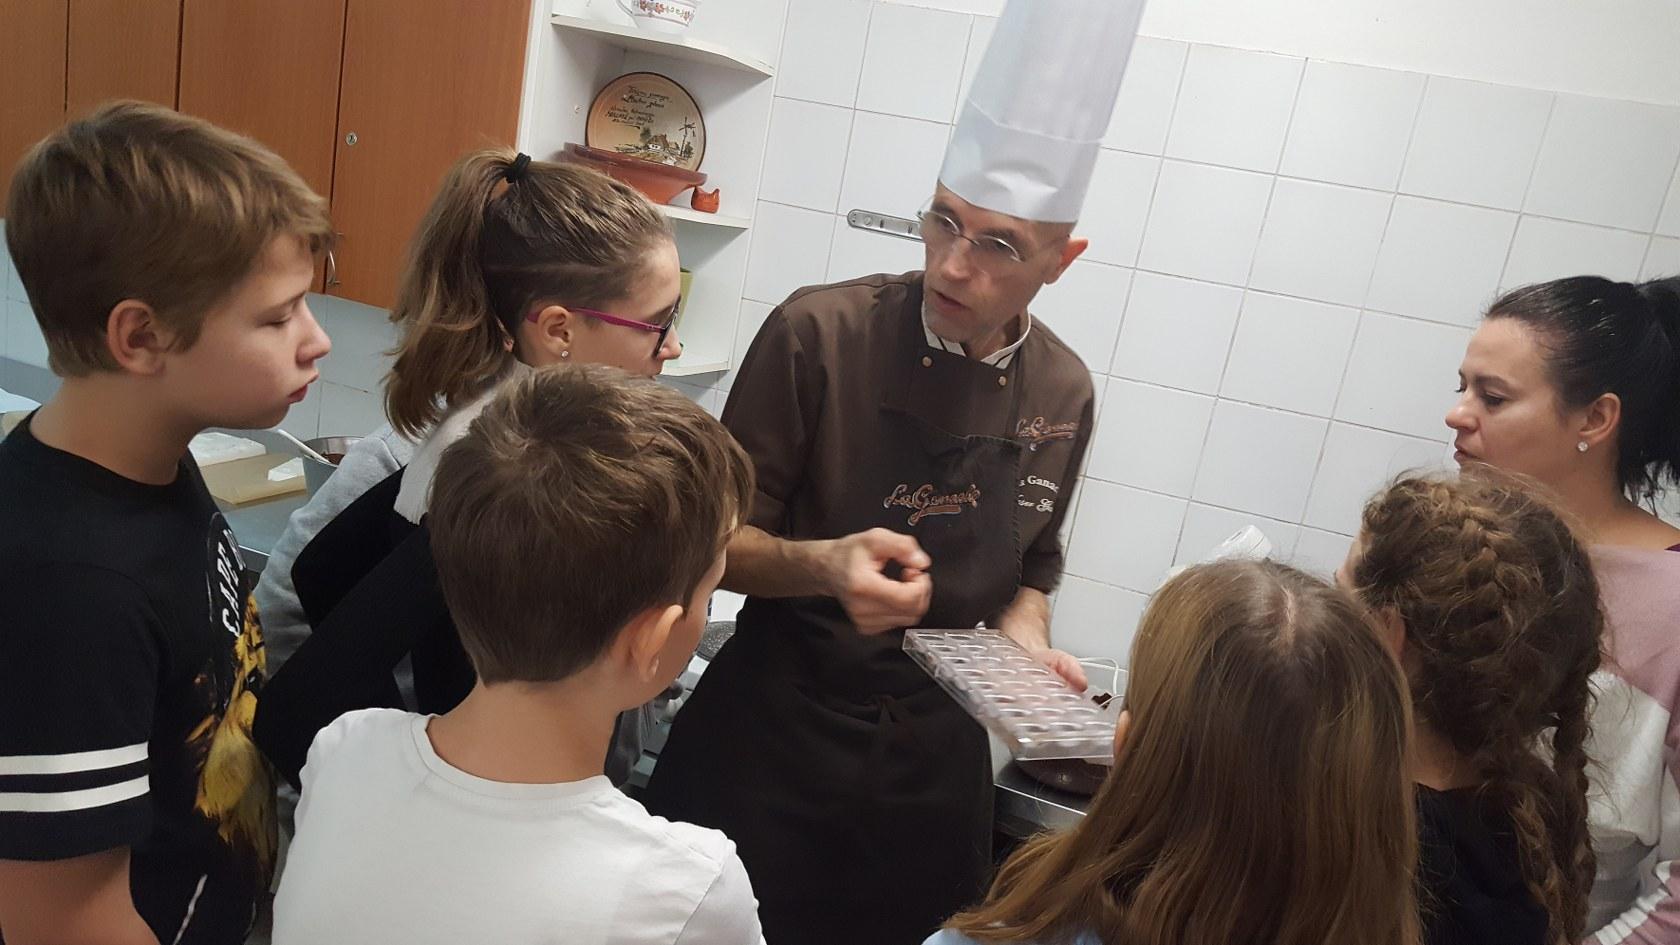 2019_11_12_delavnica_izdelave_cokoladnih_pralin-13